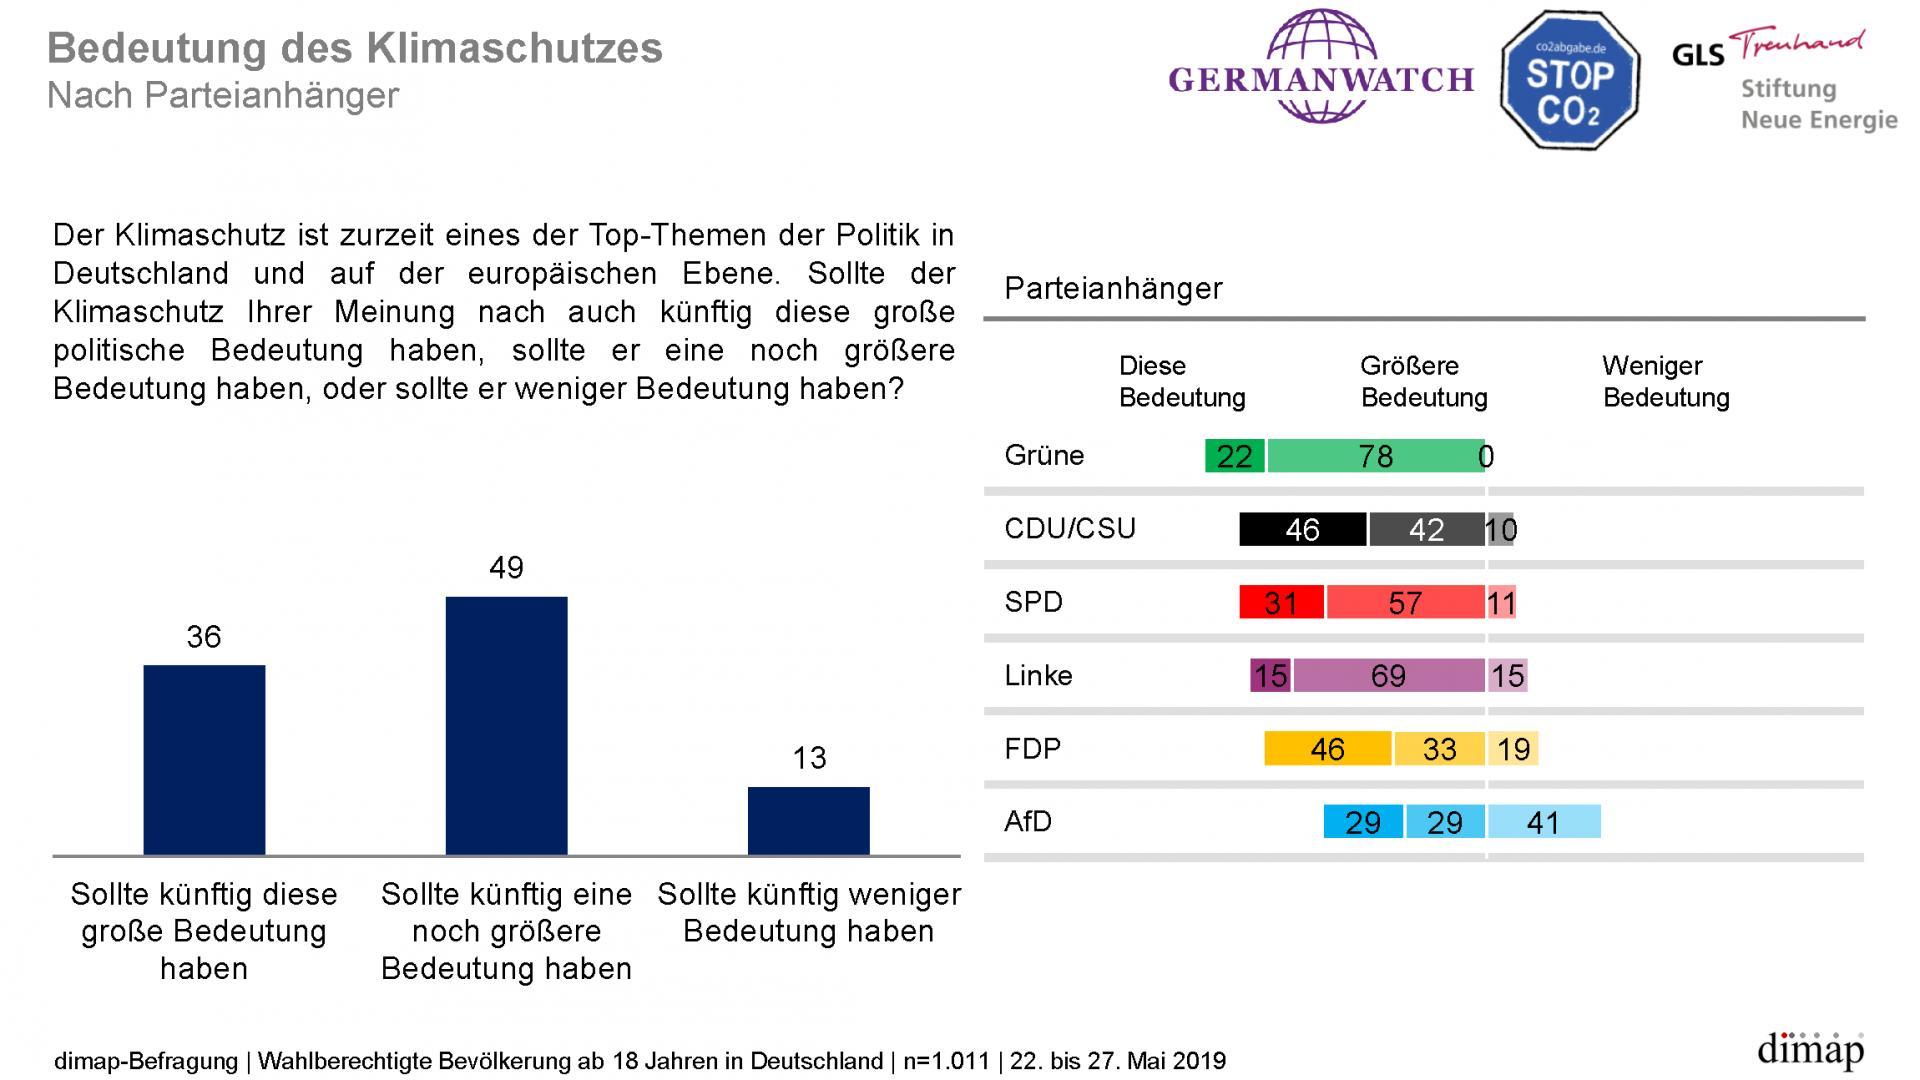 """""""Meinungen zum Klimaschutz"""" - Repräsentative dimap-Umfrage (22. bis 27. Mai 2019) im Auftrag von Germanwatch, Stiftung Neue Energie und CO2 Abgabe e.V., Ergebnisgrafik 4 von 14"""